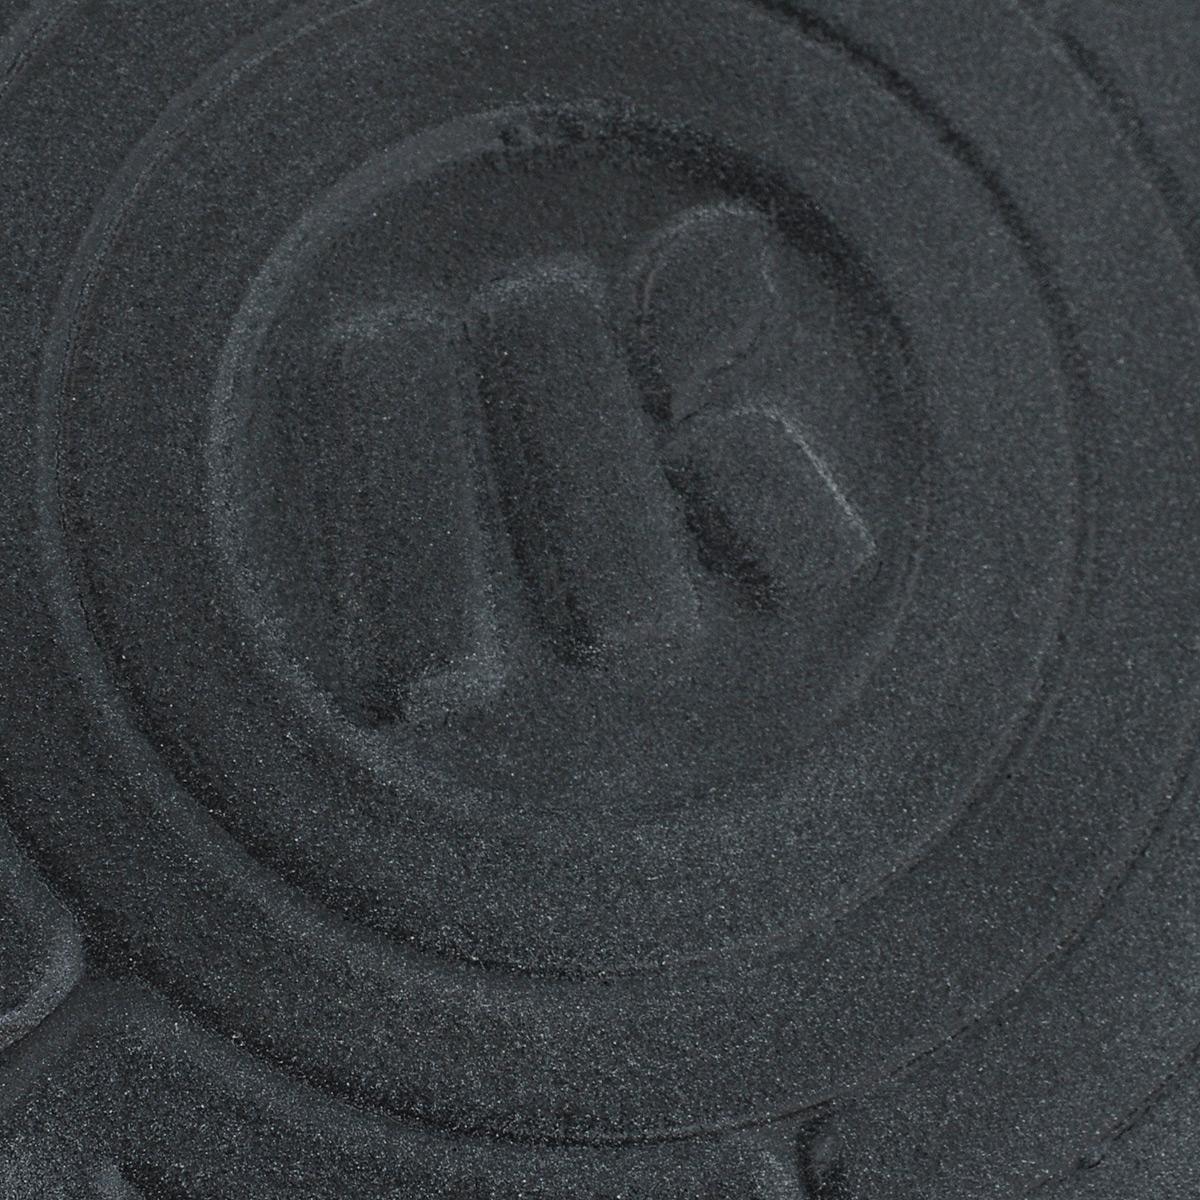 """Сотейник """"Ломоносовская керамика"""" выполнен из жаропрочной керамики. Внутренняя  поверхность выполнена под мрамор.  Пища, приготовленная в таком сотейнике, не пригорает, сохраняет свой истинный аромат, вкус,  витамины и долго остается горячей. Изделие идеально подходит для приготовления блюд,  требующих долгого томления на огне. Приготовленное блюдо можно не перекладывать, а сразу  подавать на стол.  Сотейник оснащен удобными ручками. В комплект входит крышка из жаропрочного стекла.  Крышка оснащена удобной пластиковой ручкой, металлическим ободом и имеет отверстие для  выпуска пара.  Подходит для использования на всех типах плит, включая индукционные плиты и галогеновые  конфорки. Можно использовать в духовке, микроволновой печи и мыть в посудомоечной машине.  Высота стенок: 8 см.  Ширина сотейника (с учетом ручек): 29 см."""